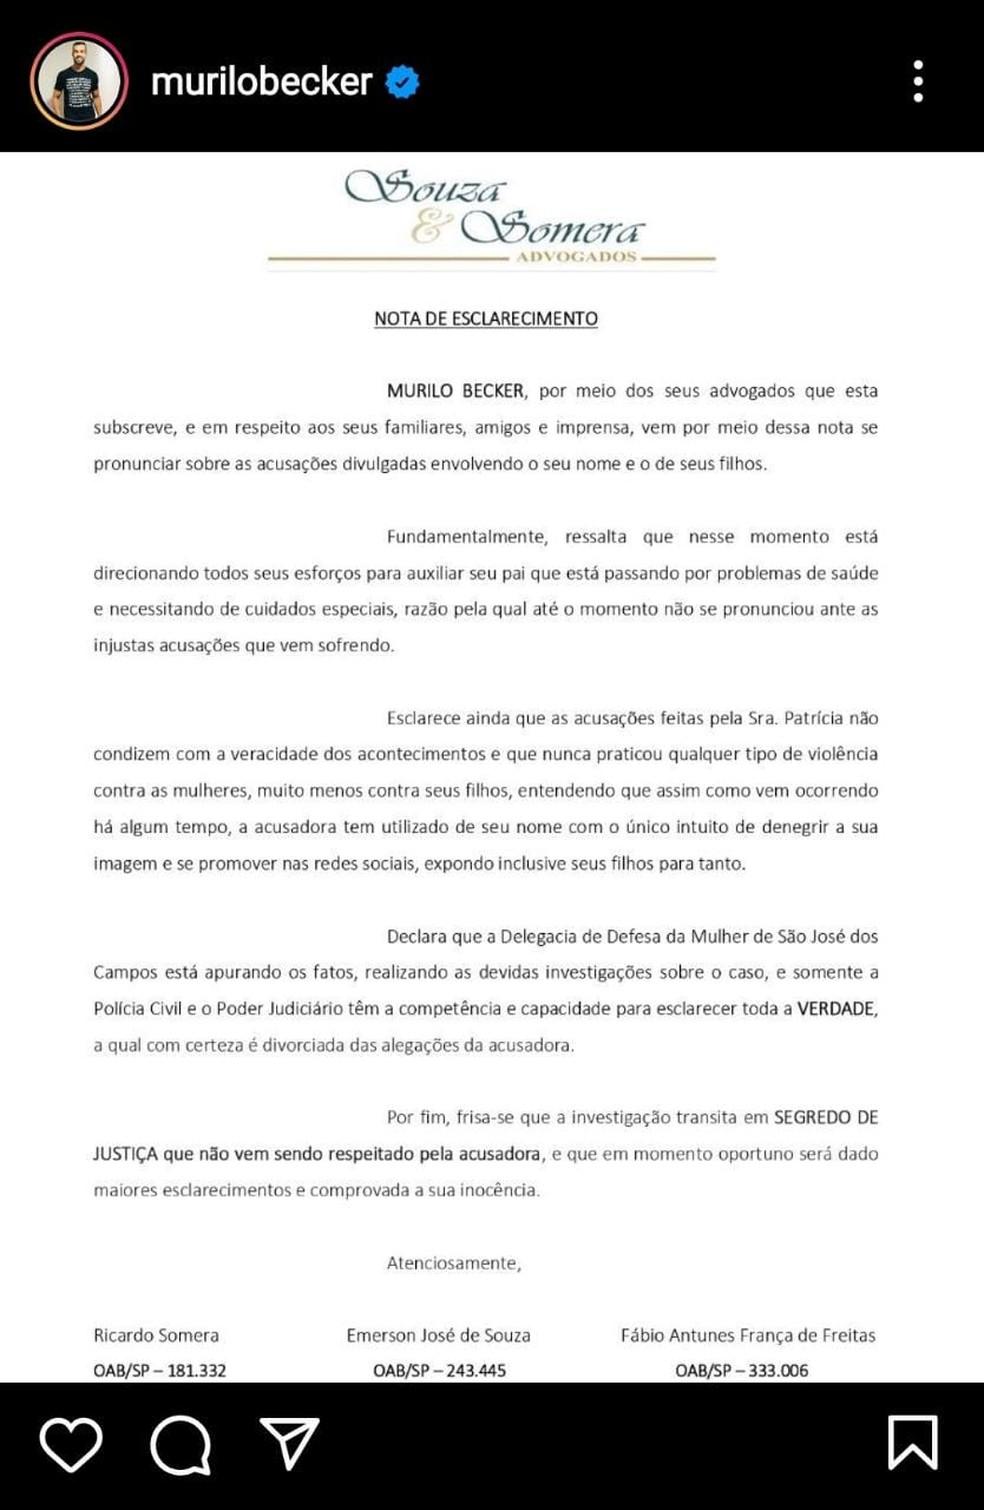 Nota assinada pelos advogados do pivô Murilo Becker